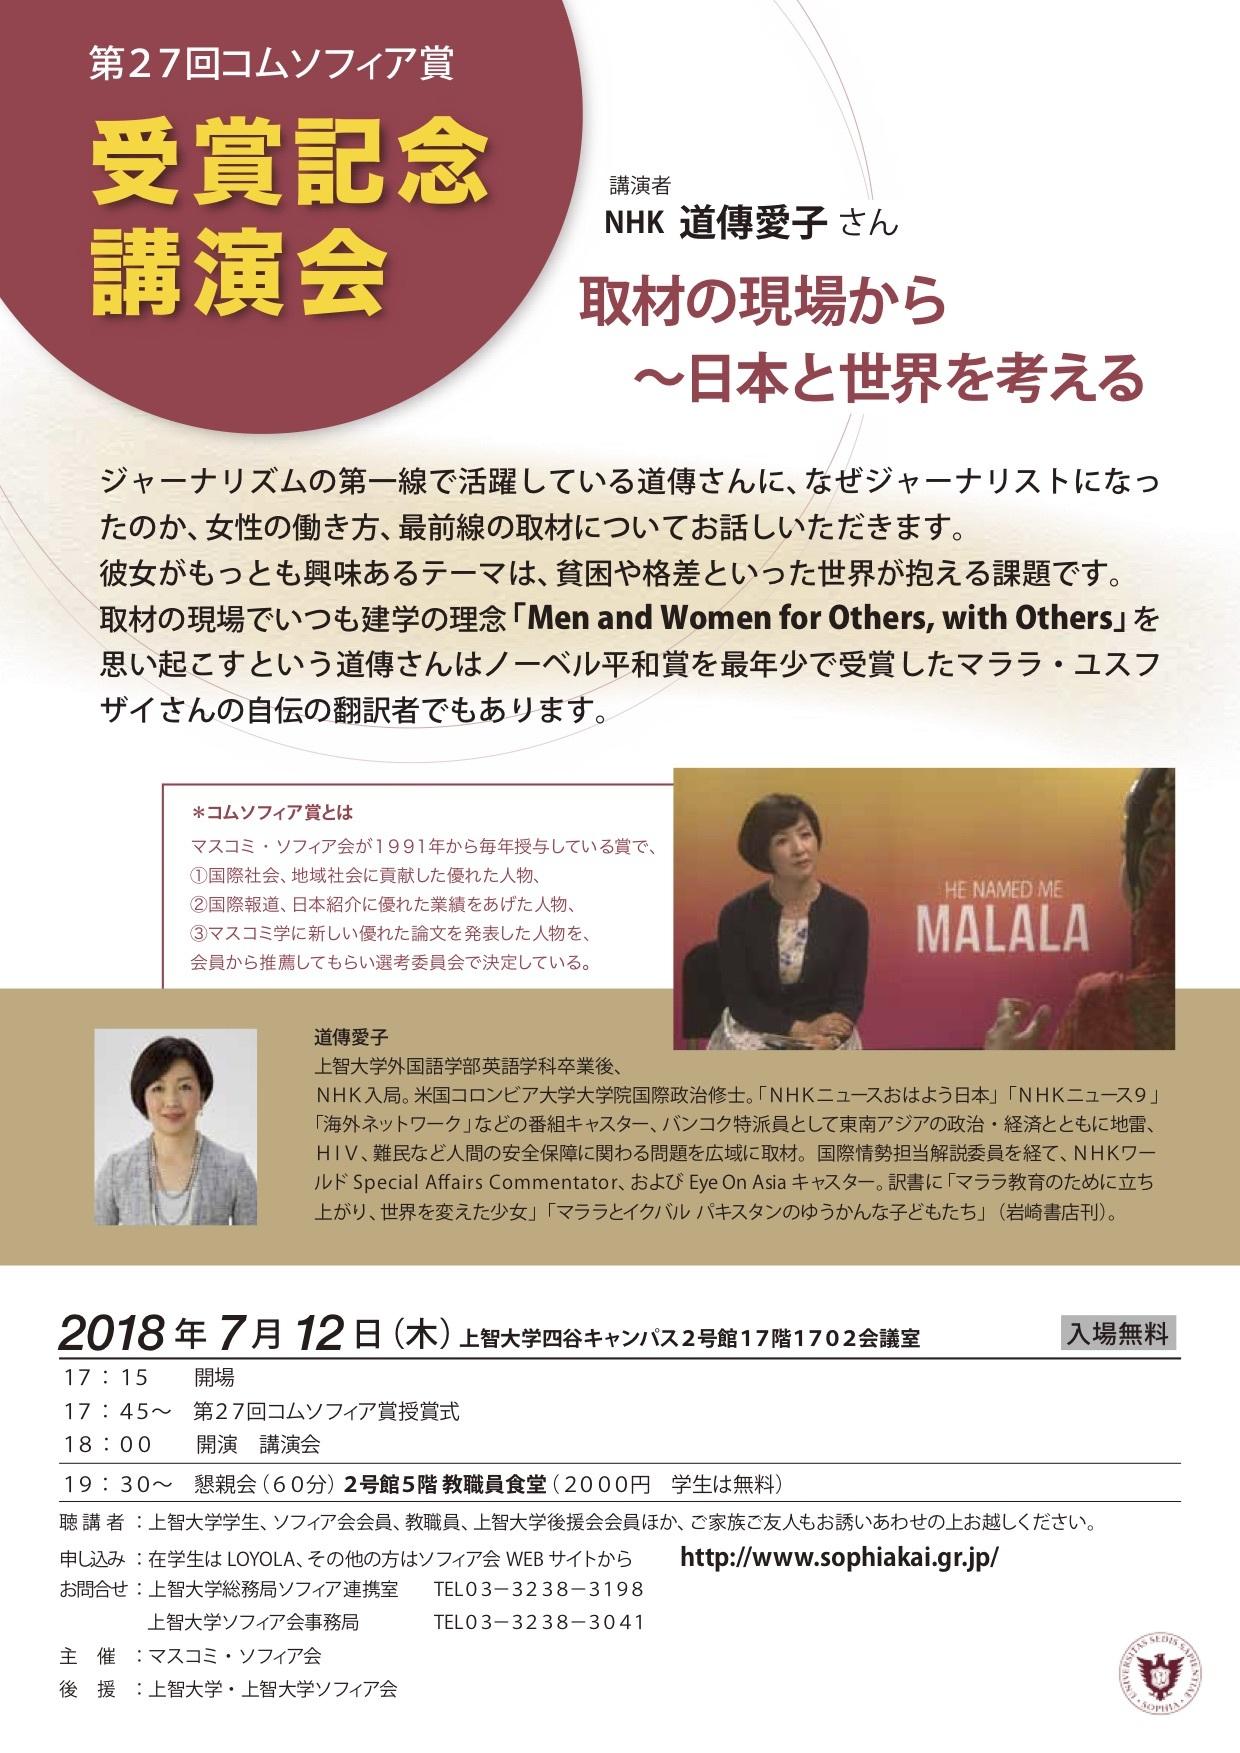 コムソフィア賞チラシ道傳さん講演A4